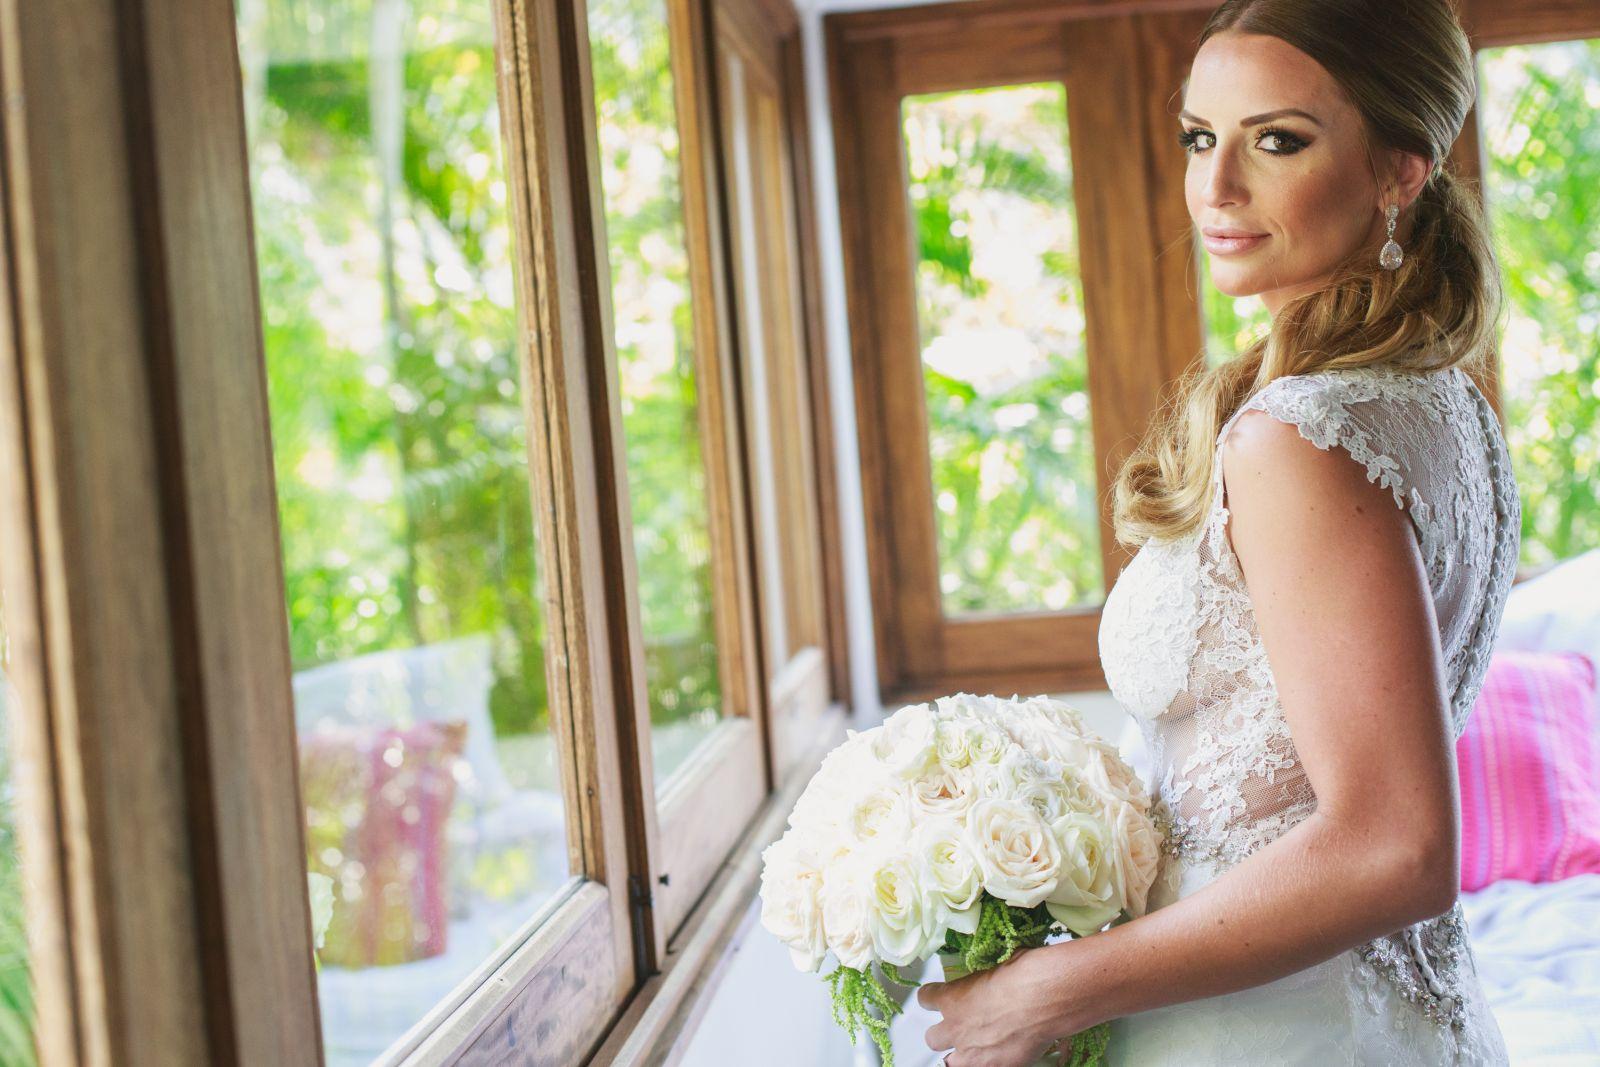 K&J lasCaletas 142 white roses for bridal bouquet